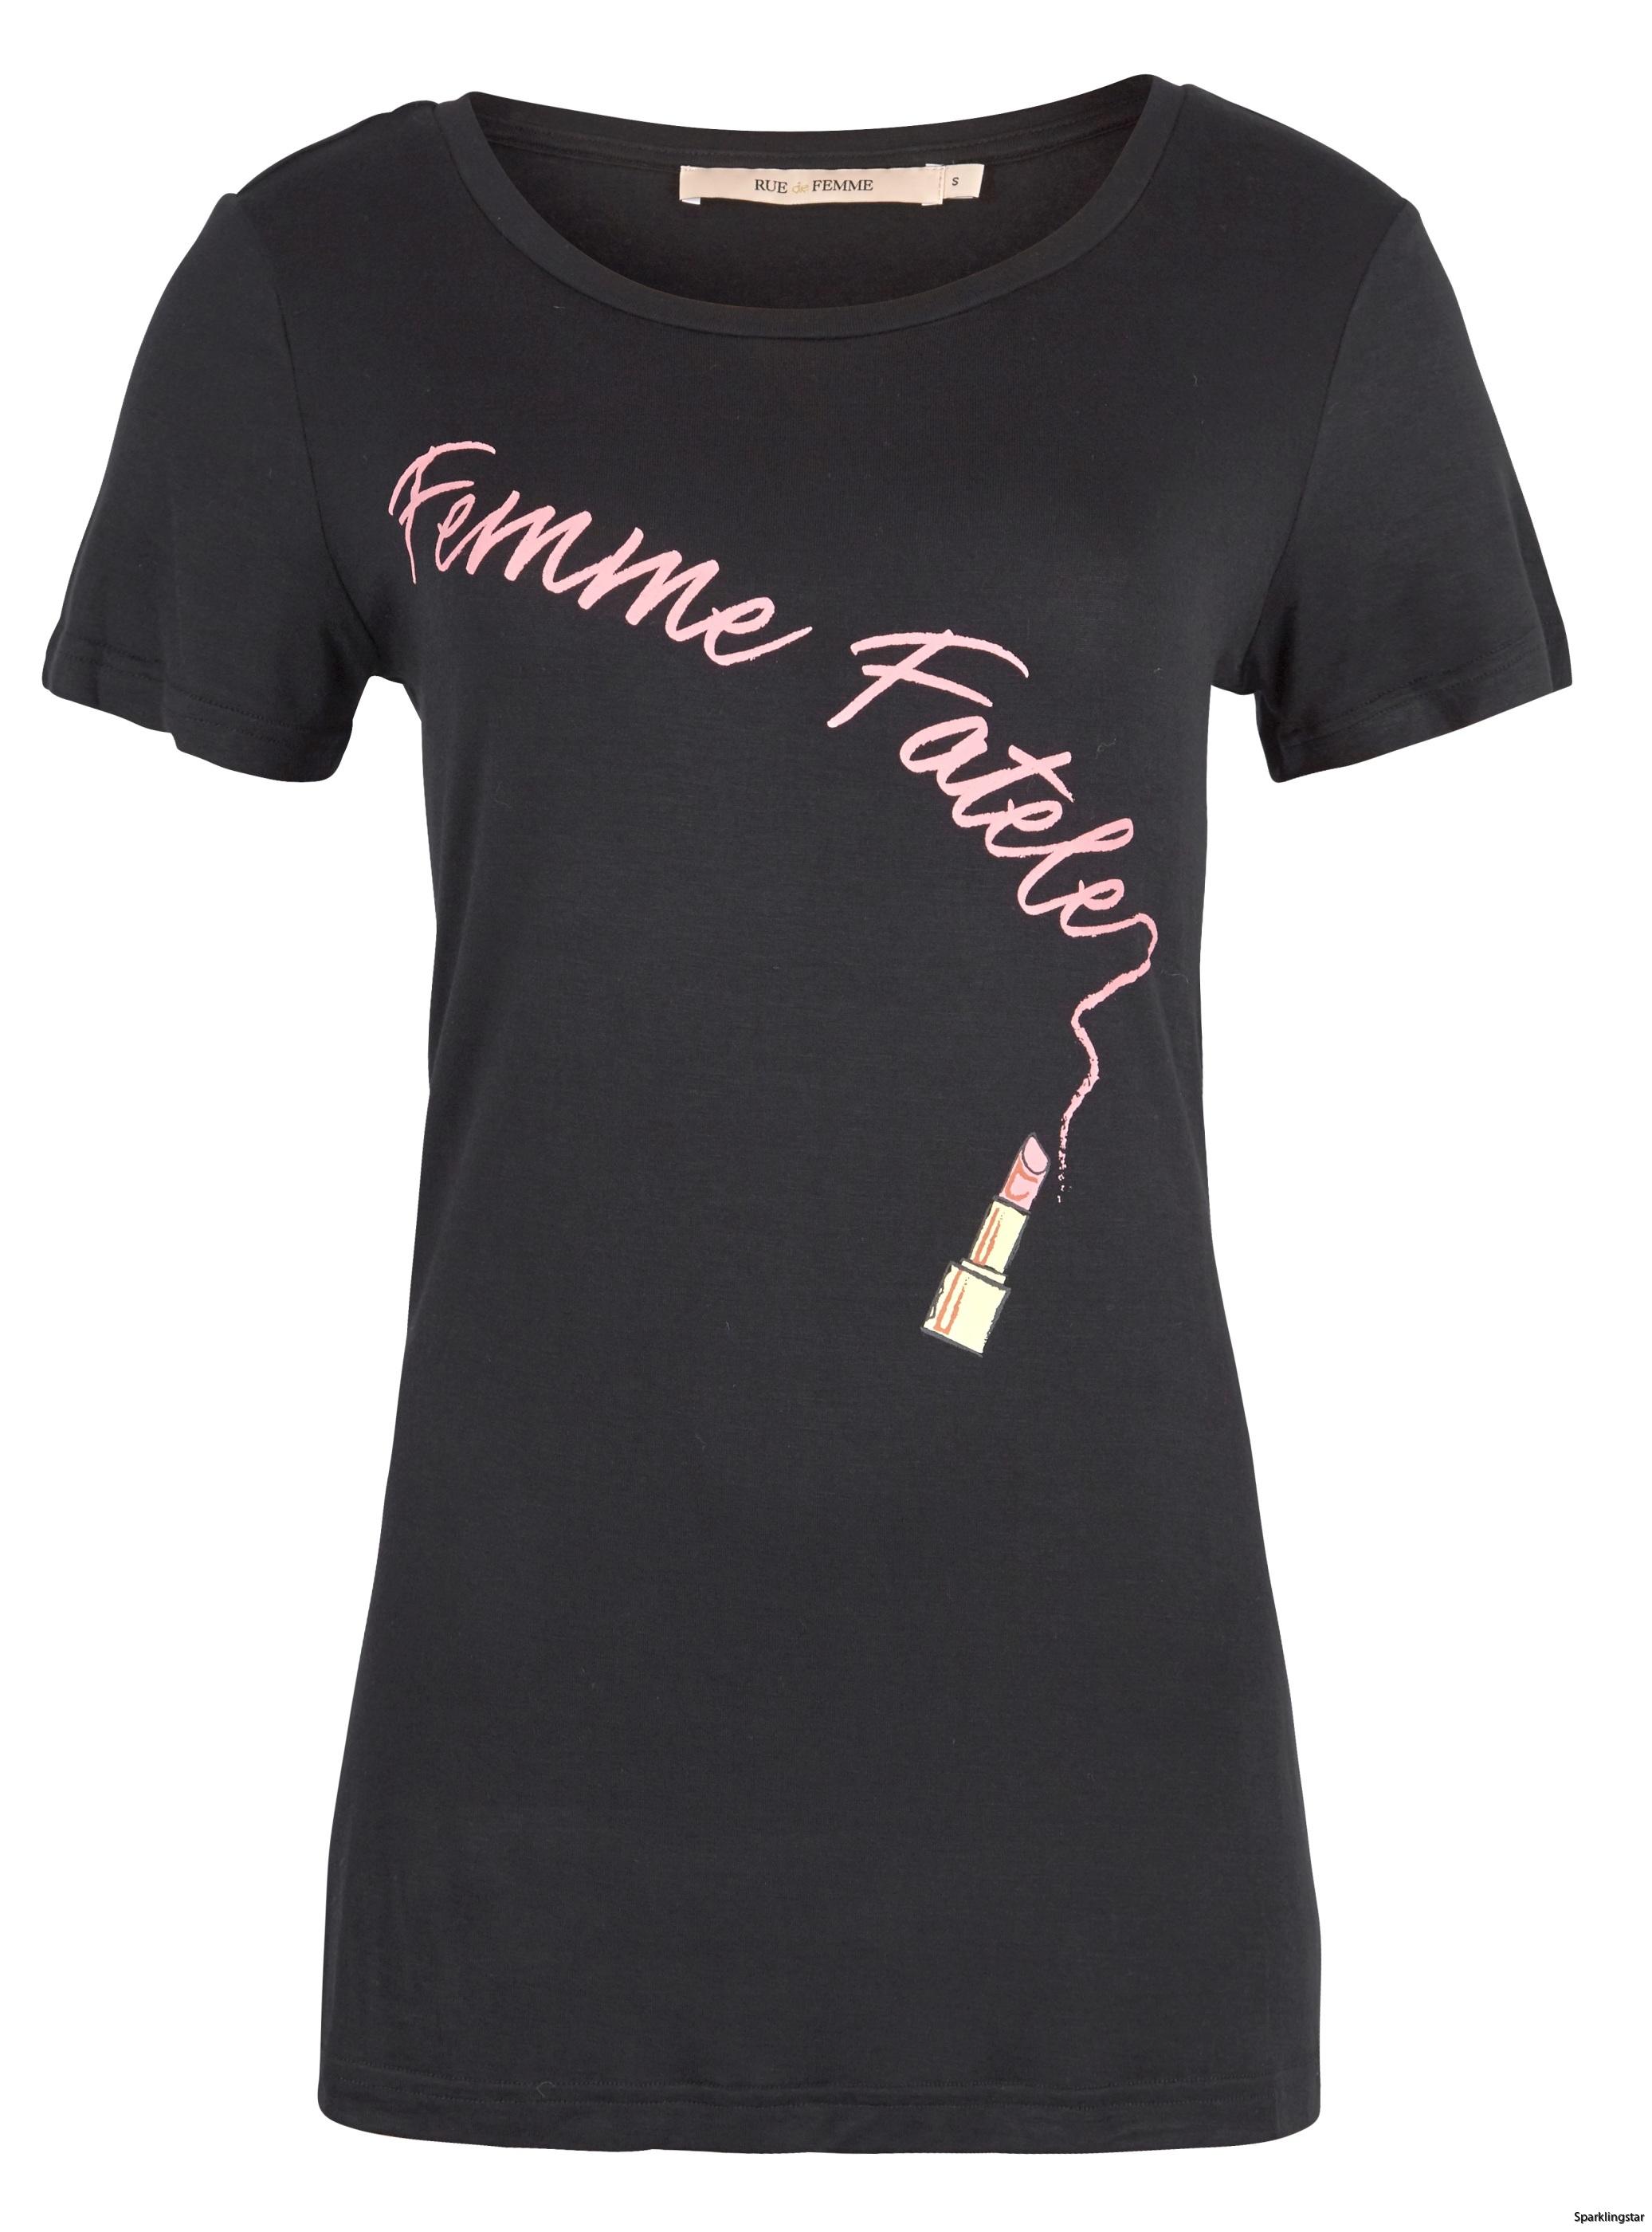 Rue De Femme Femmie Tee